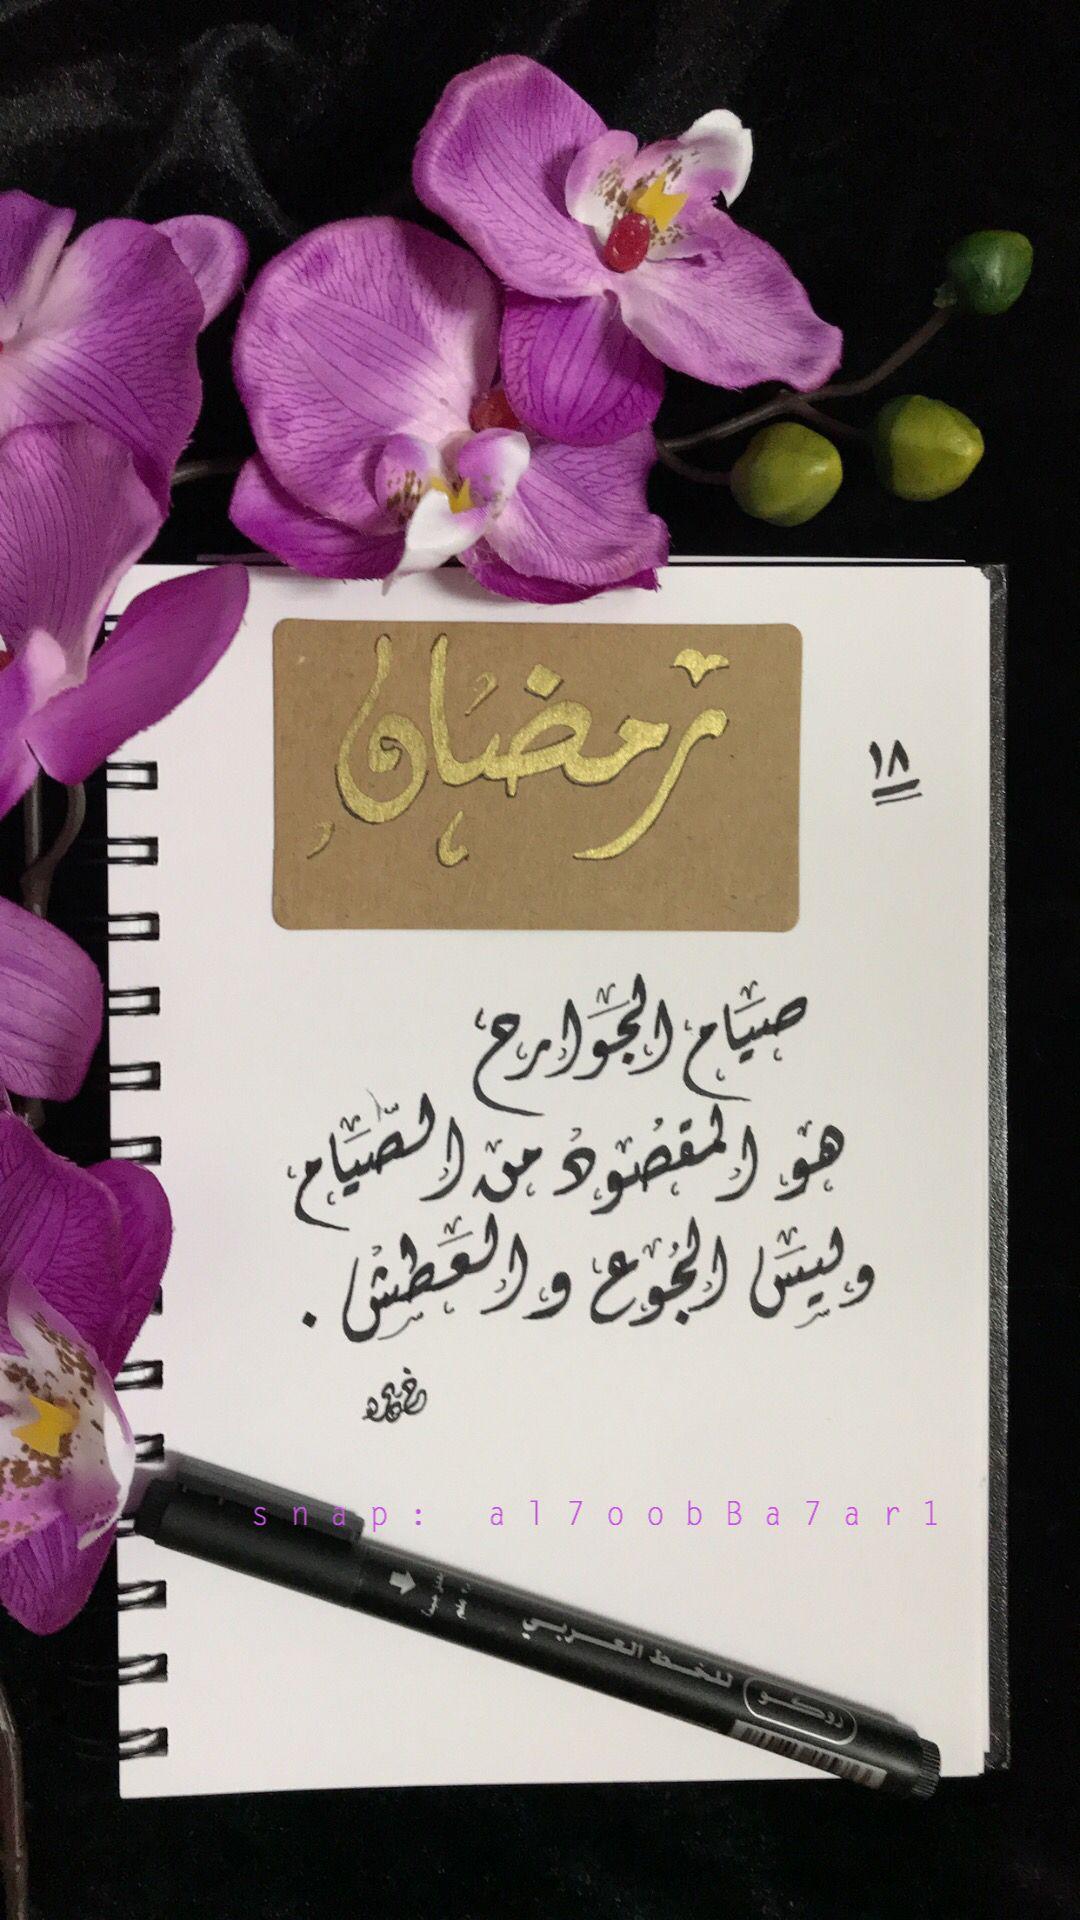 ١٨ رمضان صيام الجوارح هو المقصود من الصيام وليس الجوع والعطش خط خطي الخط العربي الخط الديوا Ramadan Day Girly Pictures Islamic Pictures